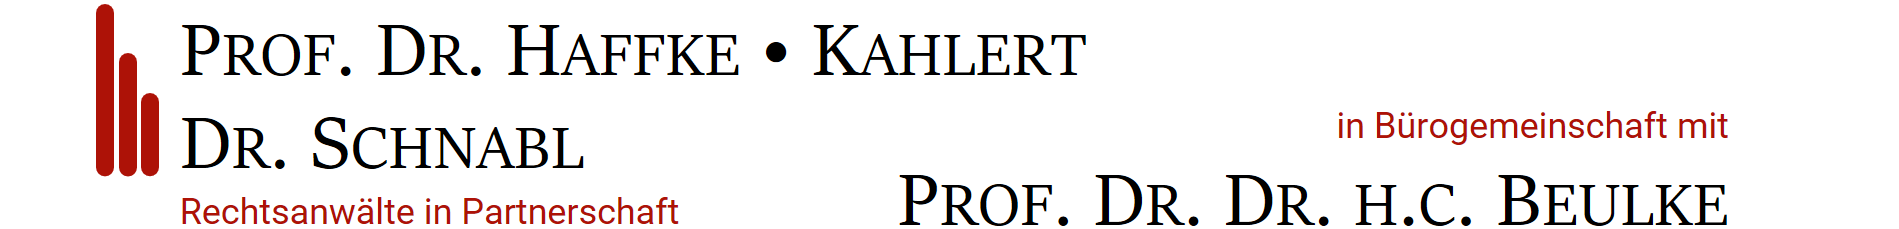 Rechtsanwälte Prof. Dr. Haffke, Kahlert, Dr. Schnabl in Bürogemeinschaft mit Prof. Dr. Dr. h.c. Beulke